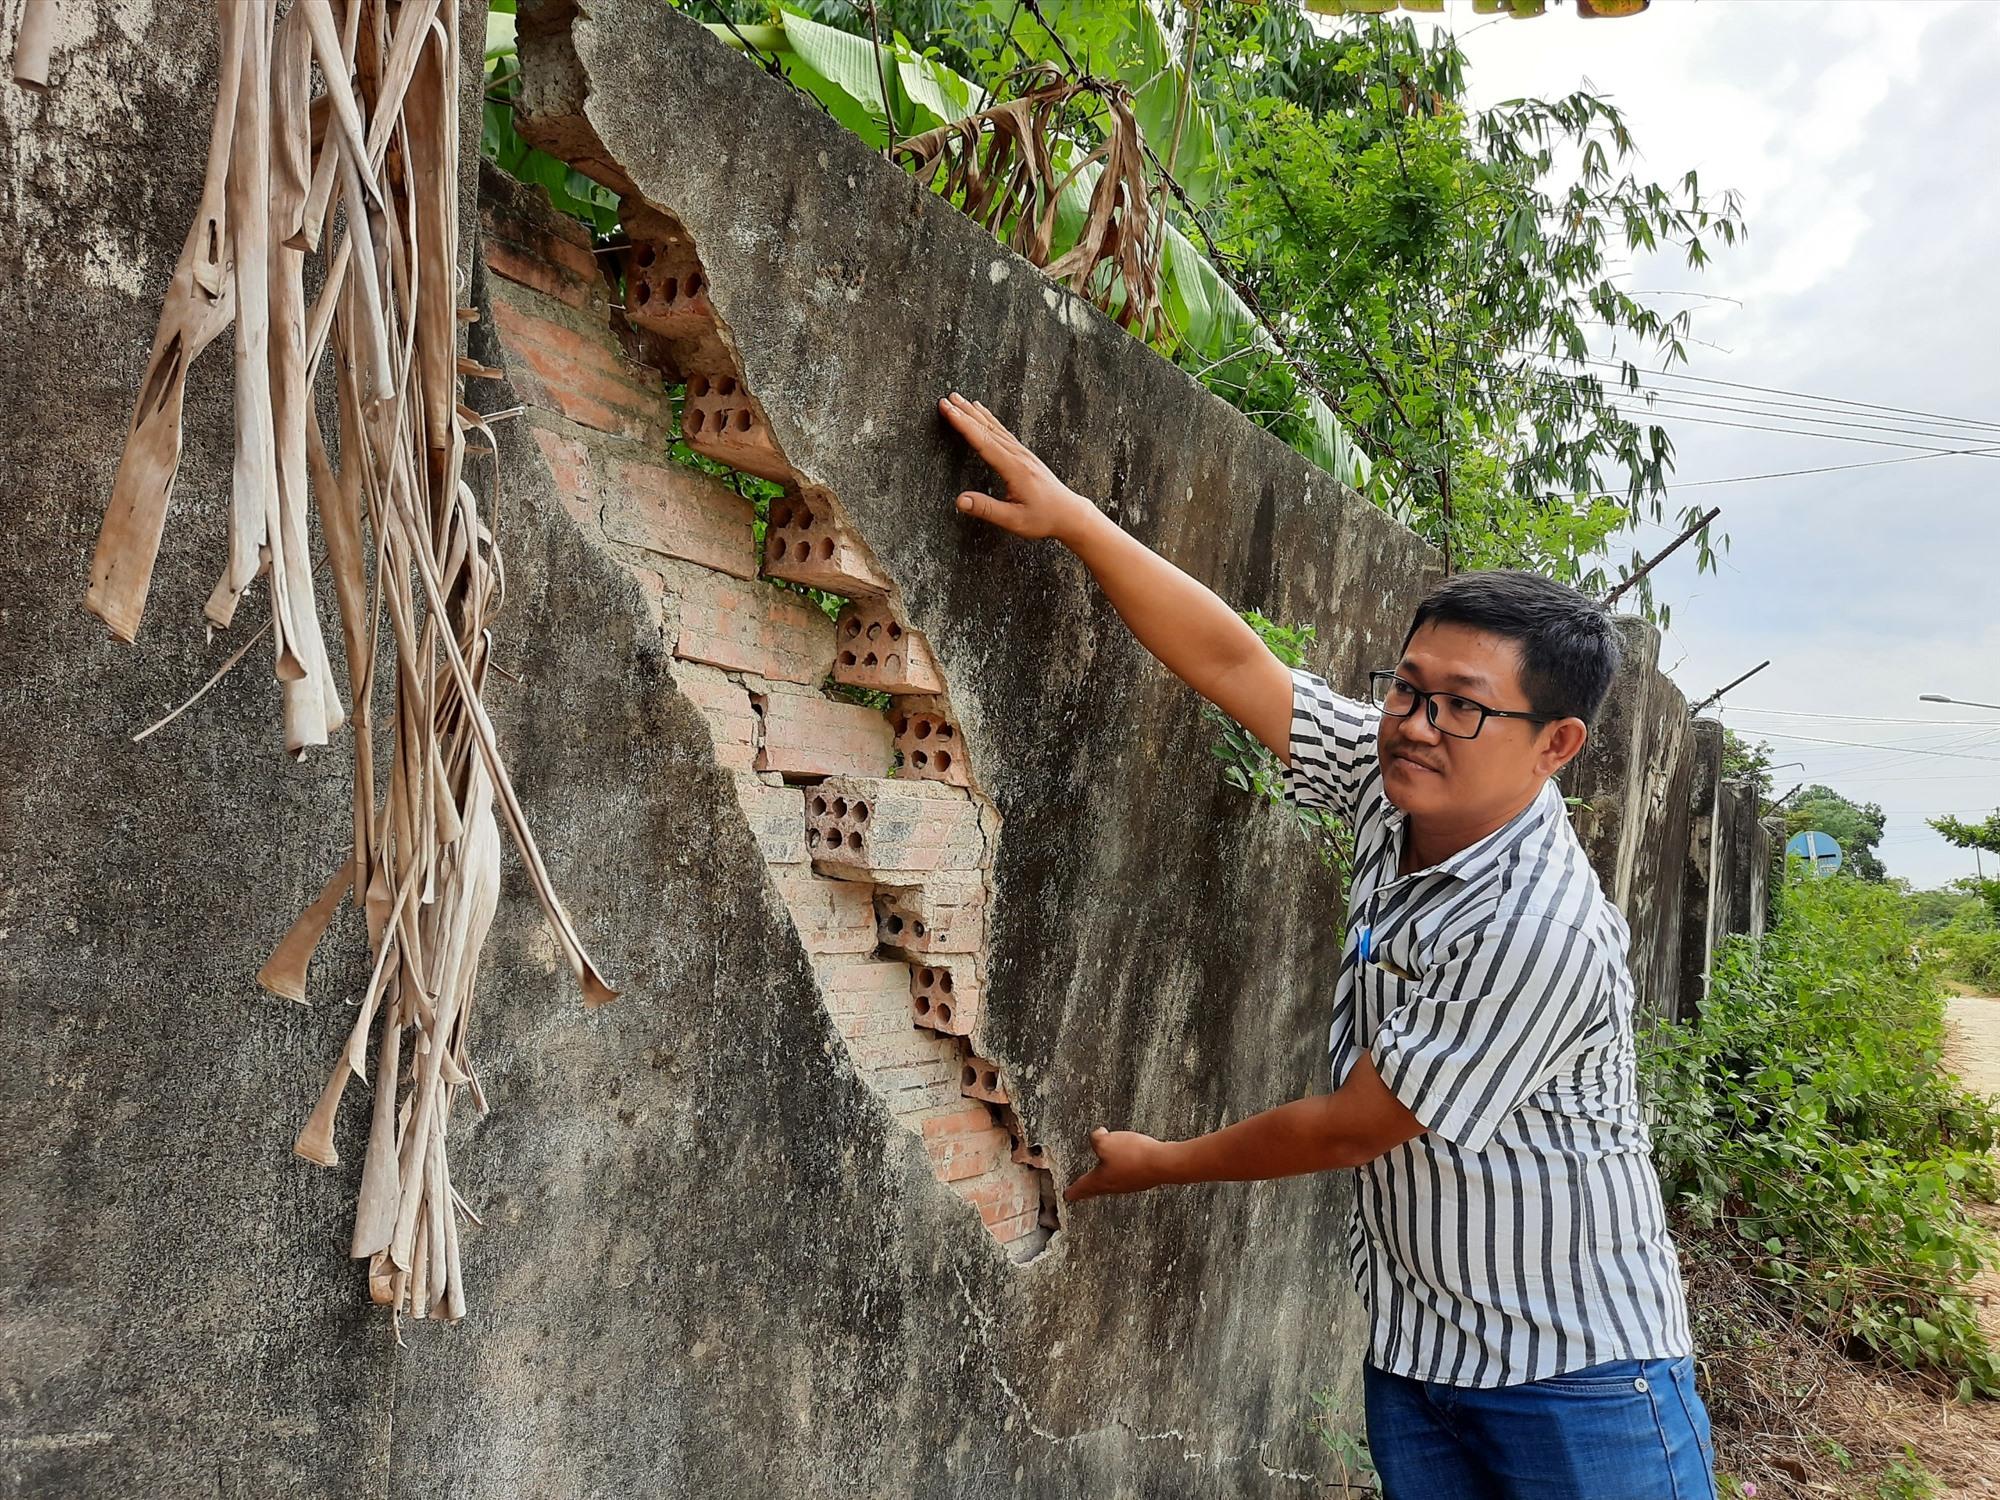 Tường rào trang trại xuống cấp có nguy cơ gây ra tai nạn cho người dân đi đường. Ảnh: Đ. Q